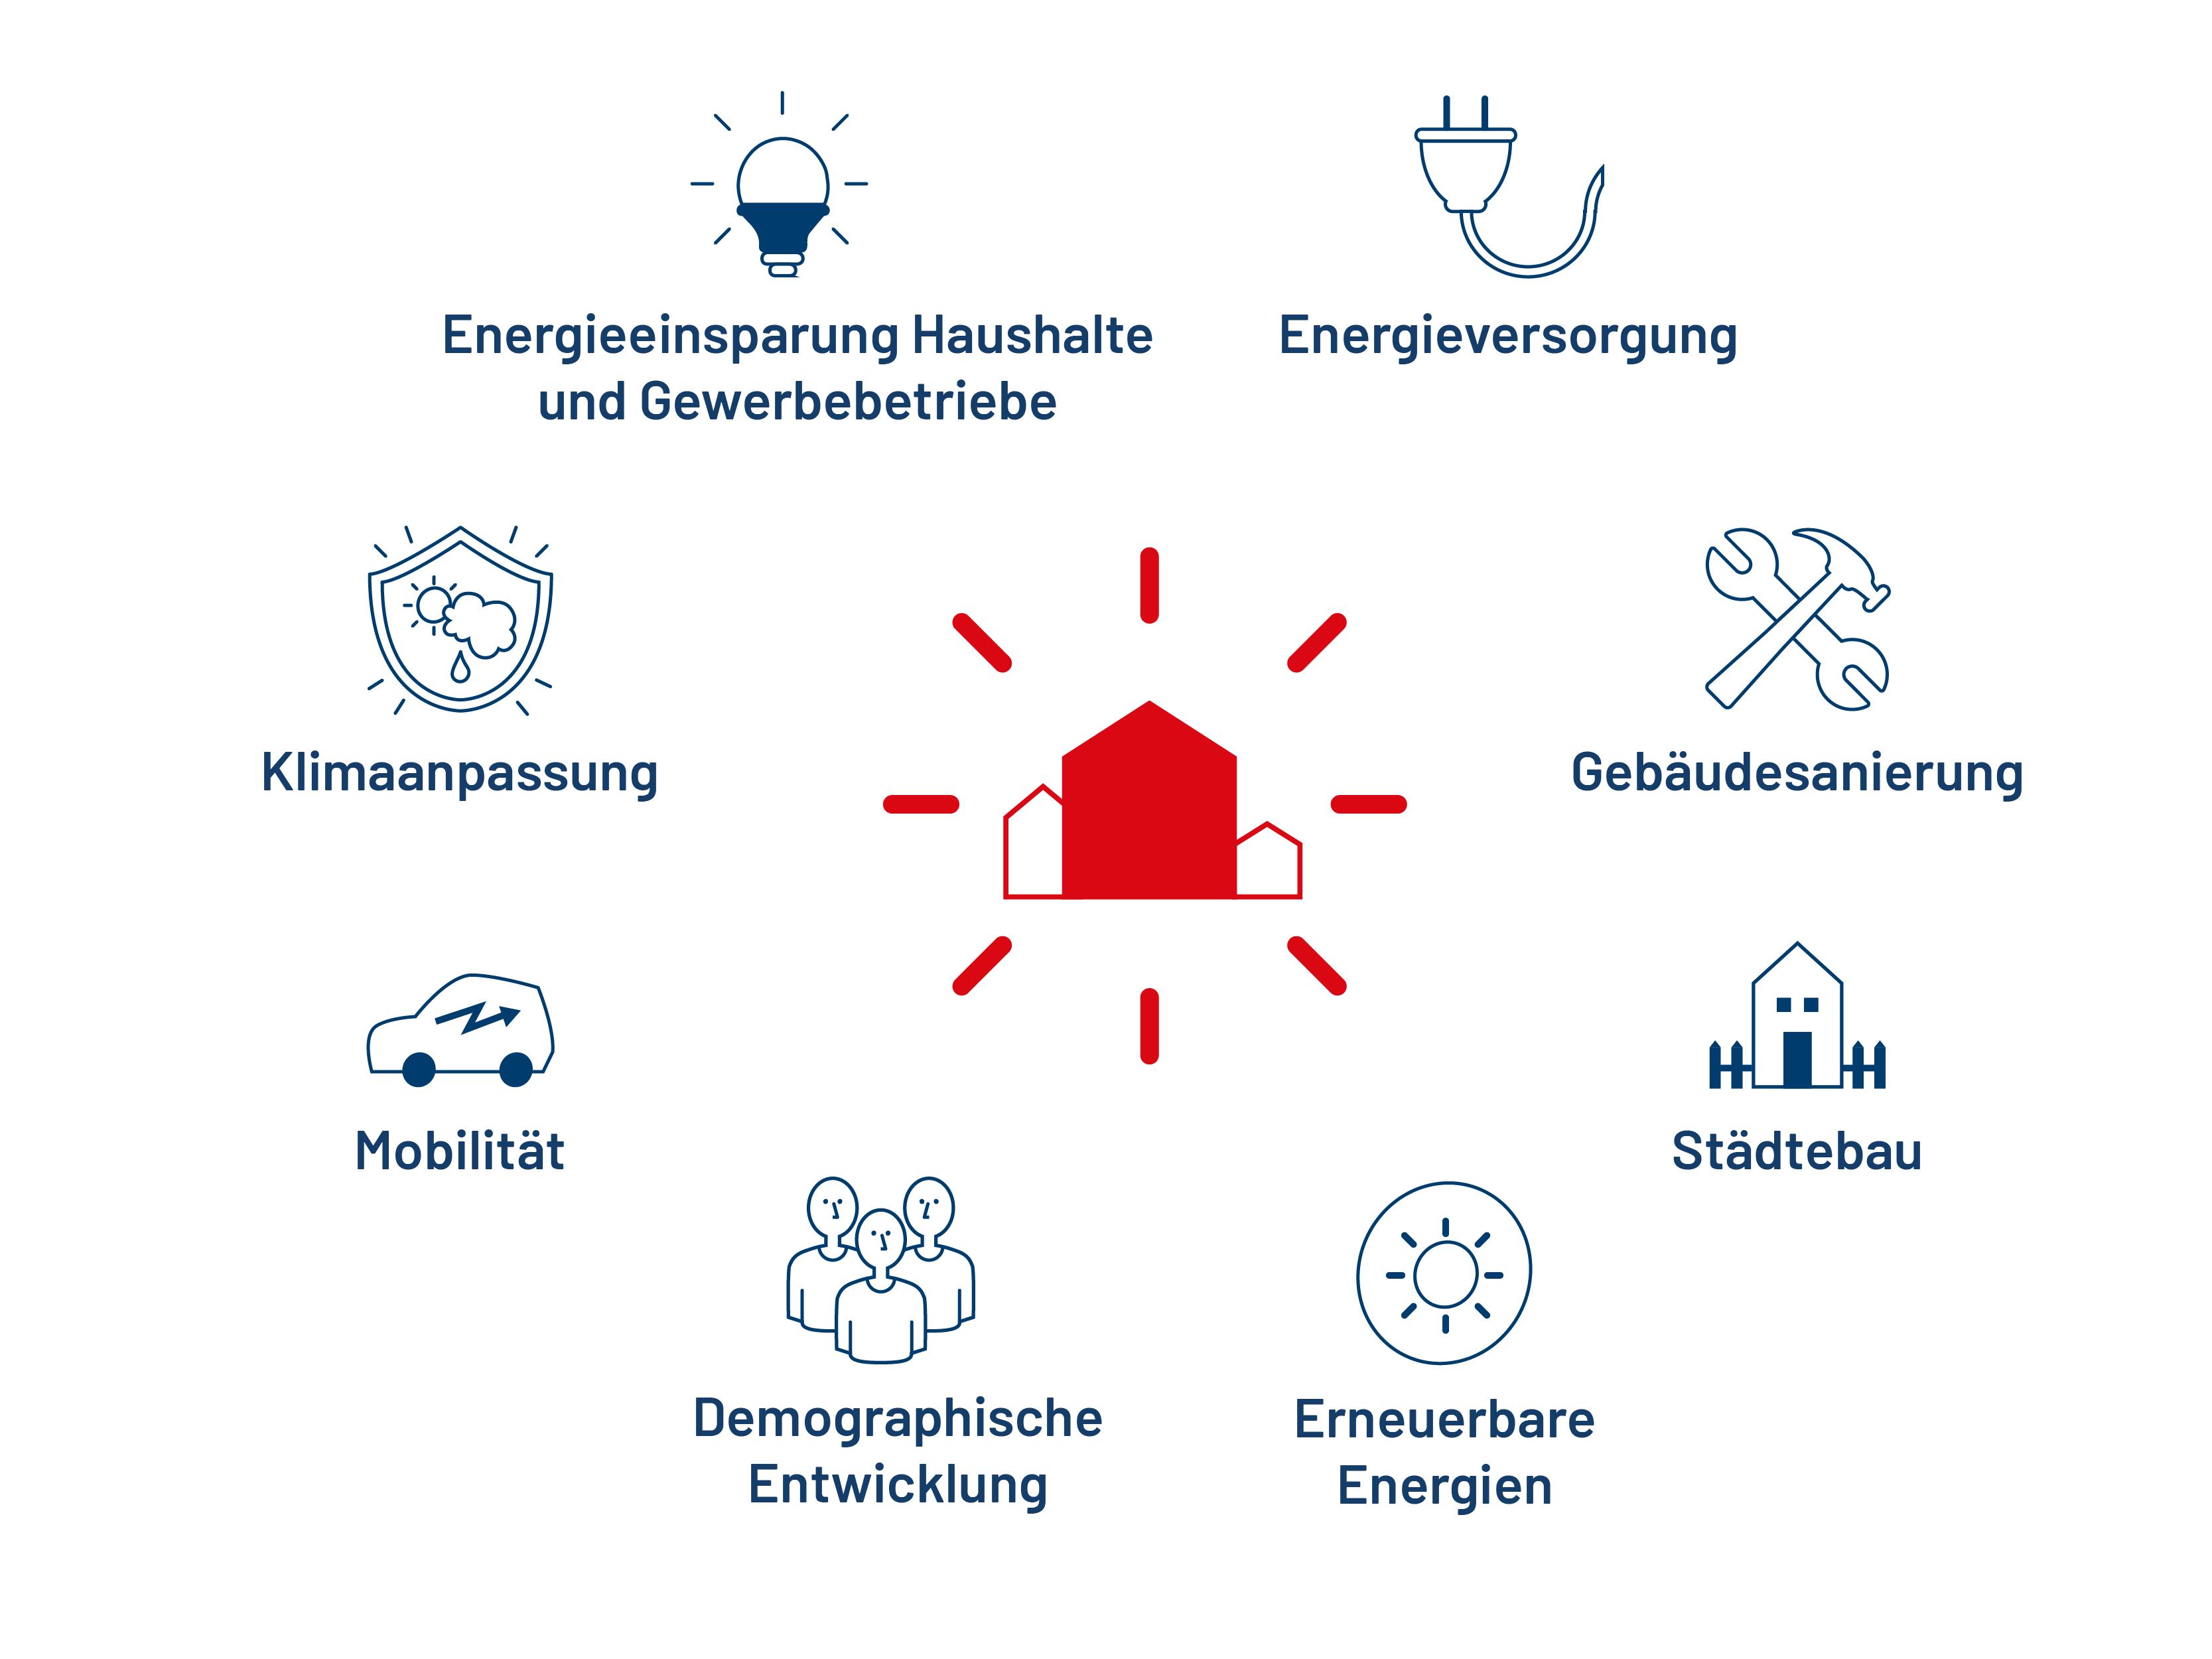 Integrierte Quartierskonzepte für Kommunen: Energieeinsparung Haushalte und Gewerbebetriebe, Energieversorgung, Gebäudesanierung, Städtebau, Erneuerbare Energien, Demographische Entwicklung, Mobilität, Klimaanpassung